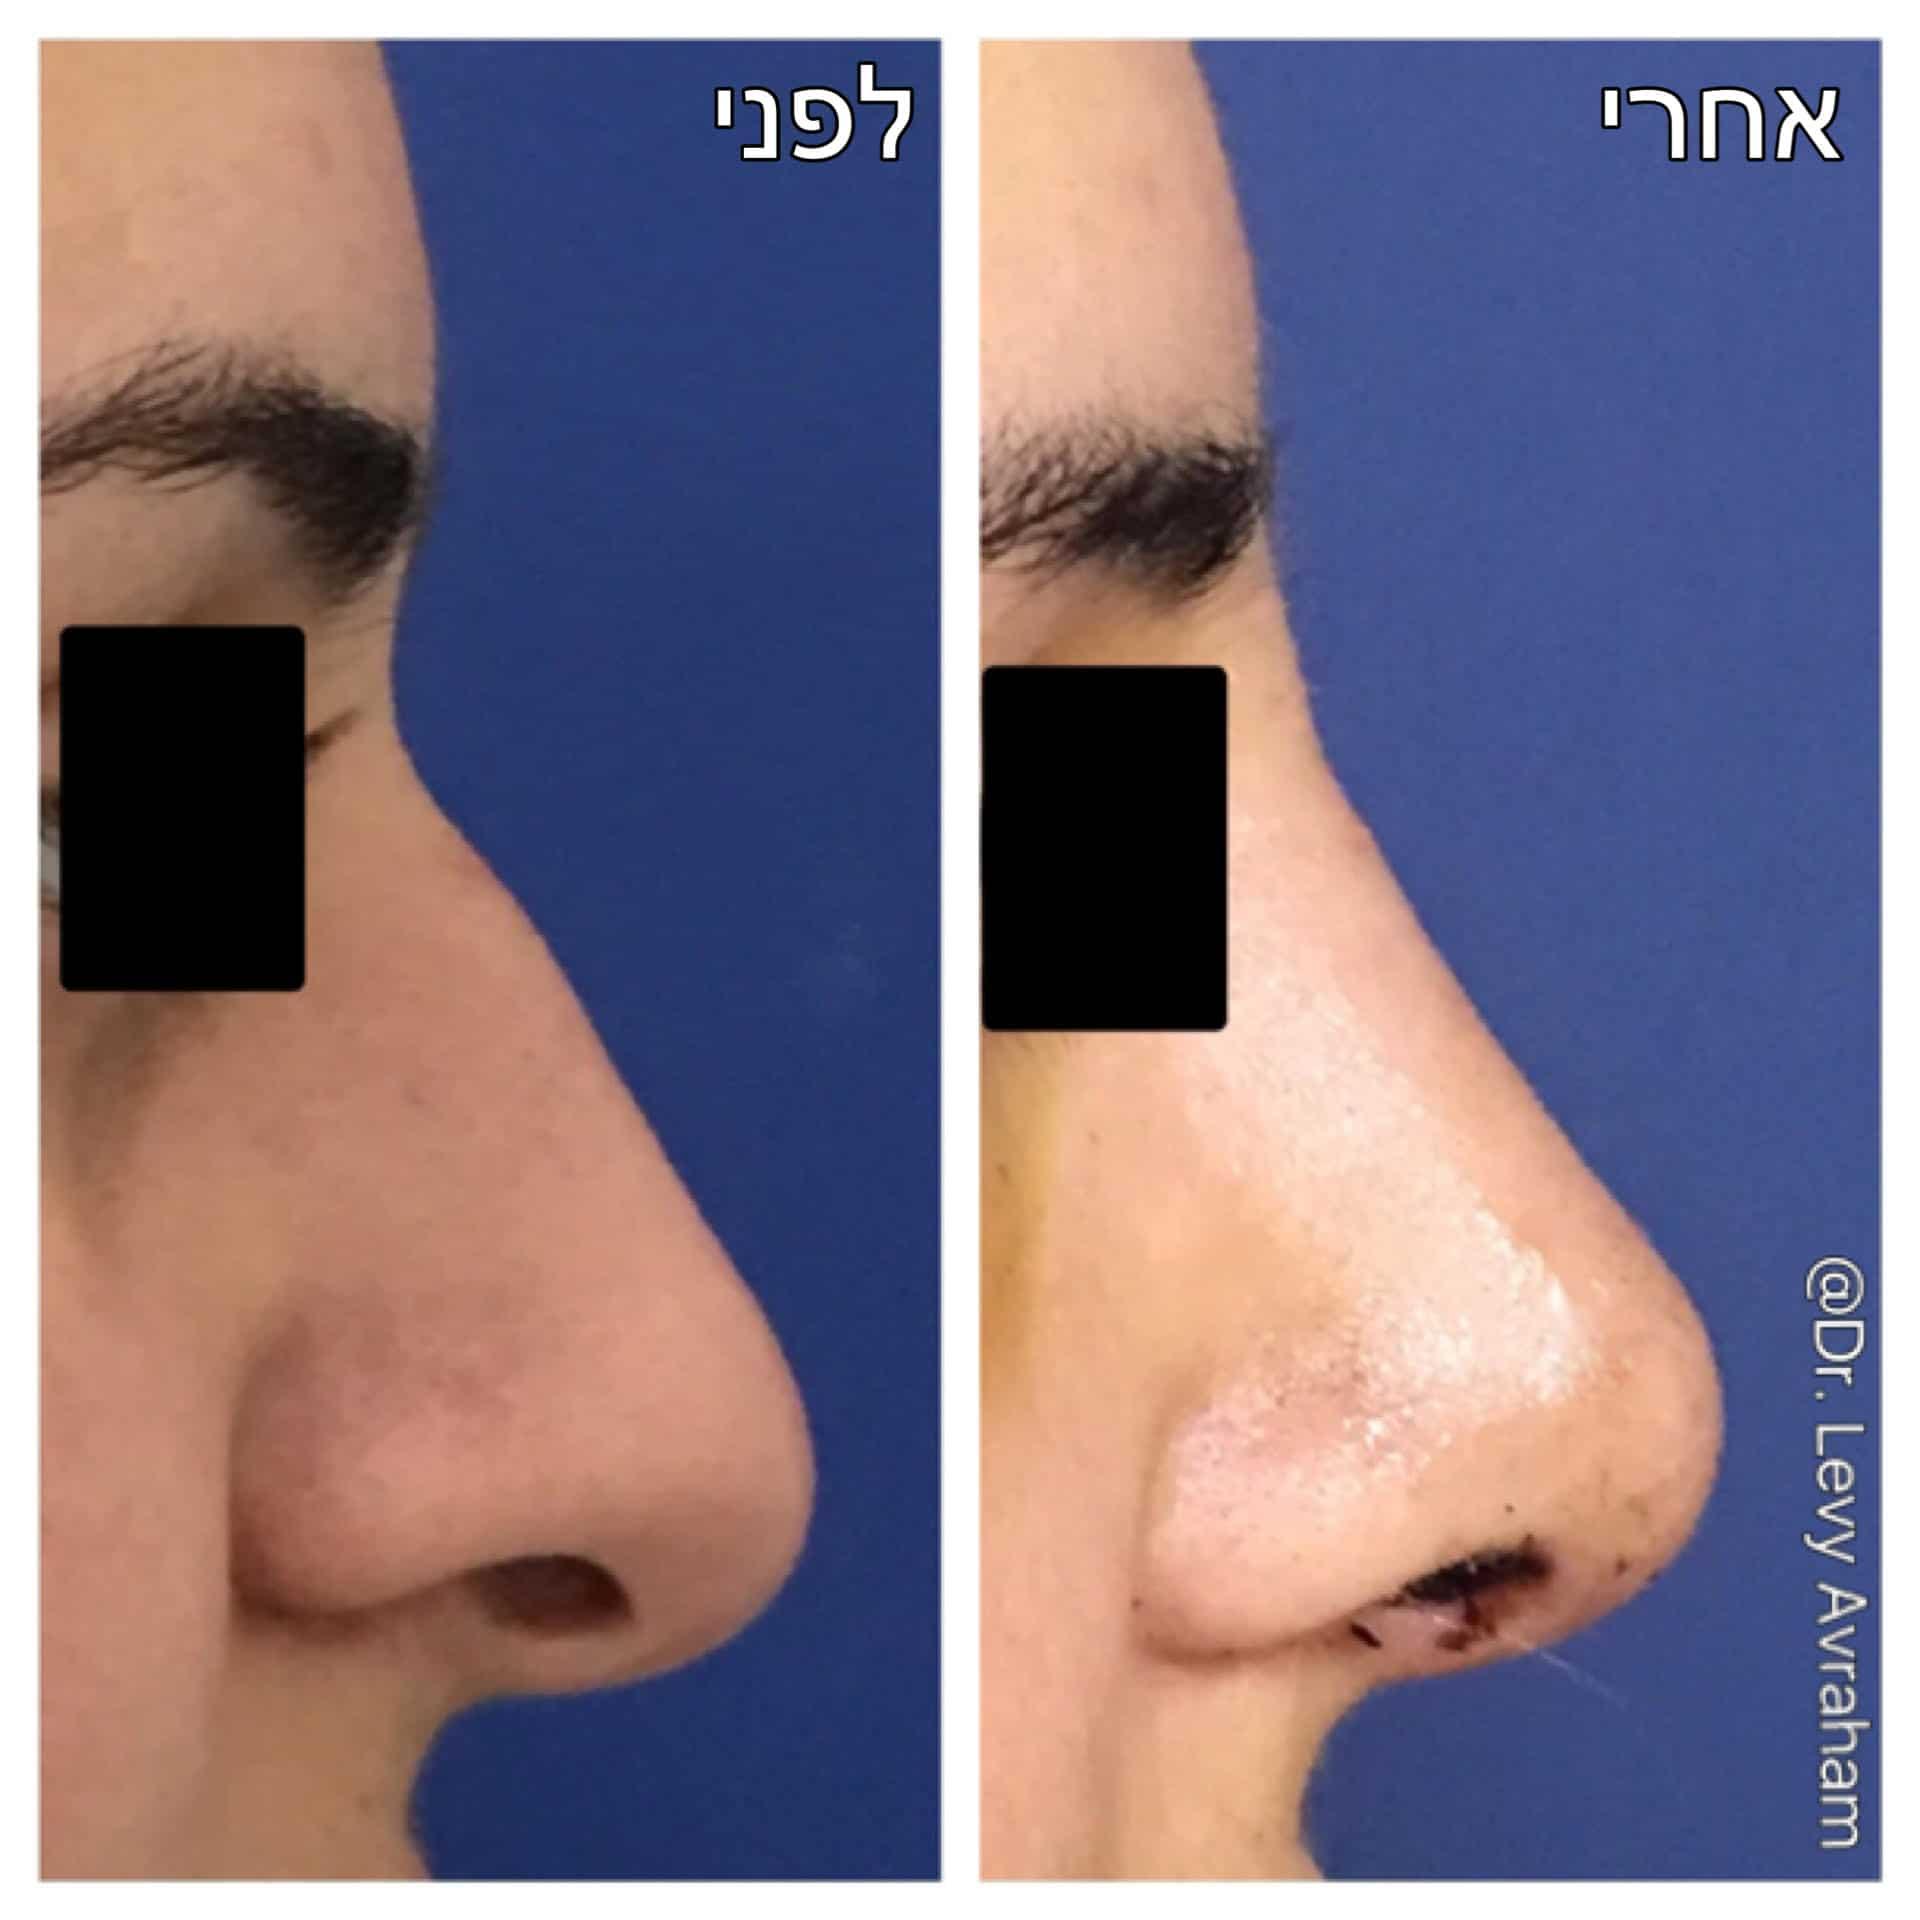 ניתוח אף עם שיוף גבנון, הצרת נחריים, הרמת קצה האף ועידונו